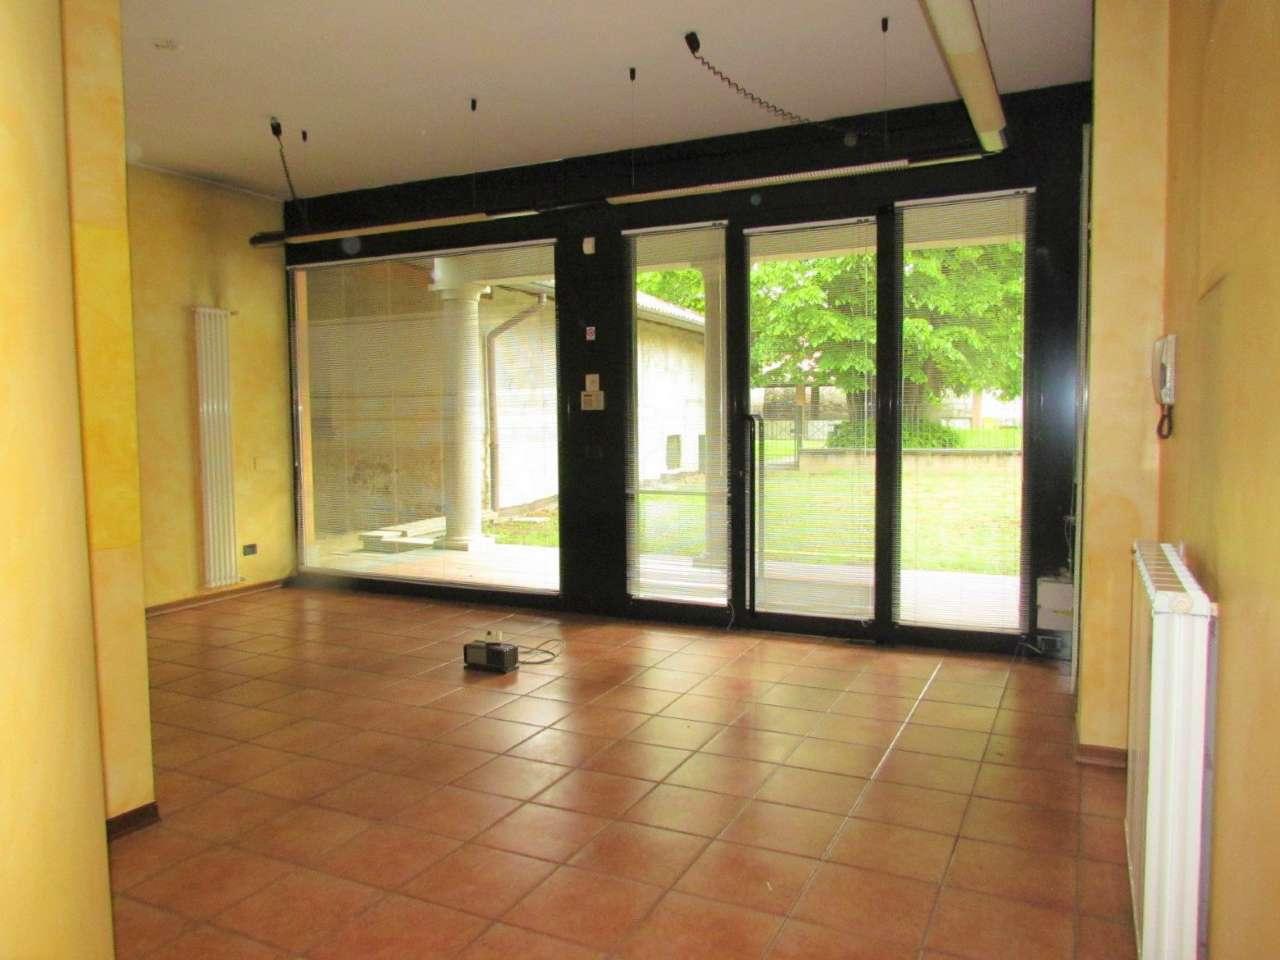 Negozio / Locale in vendita a Vedano Olona, 3 locali, prezzo € 125.000 | CambioCasa.it